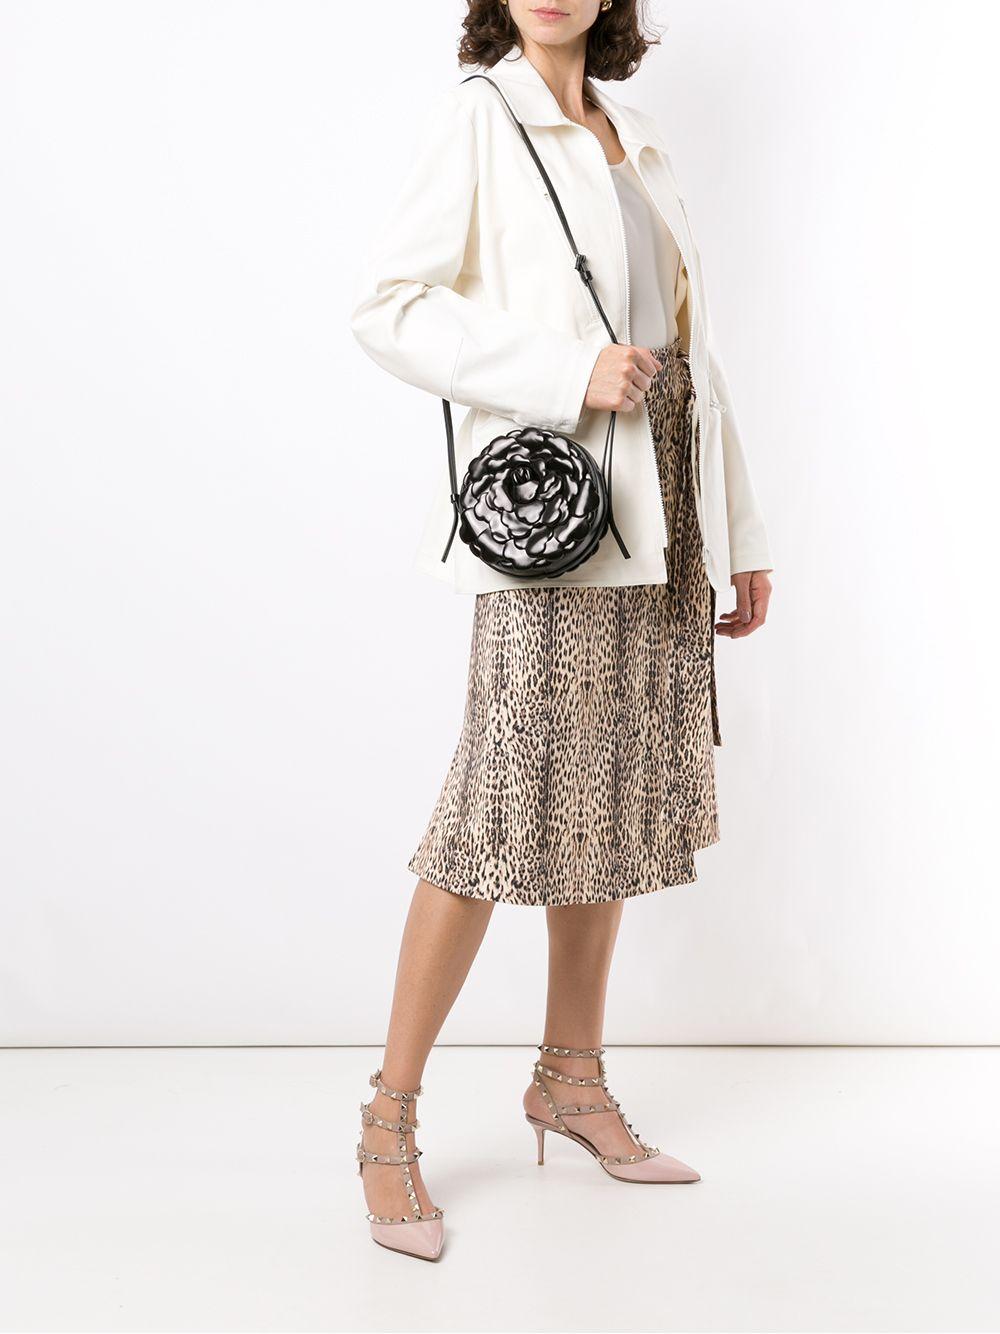 Picture of Valentino Garavani | Atelier Bag Vg 03 Rose Round Shoulder Bag